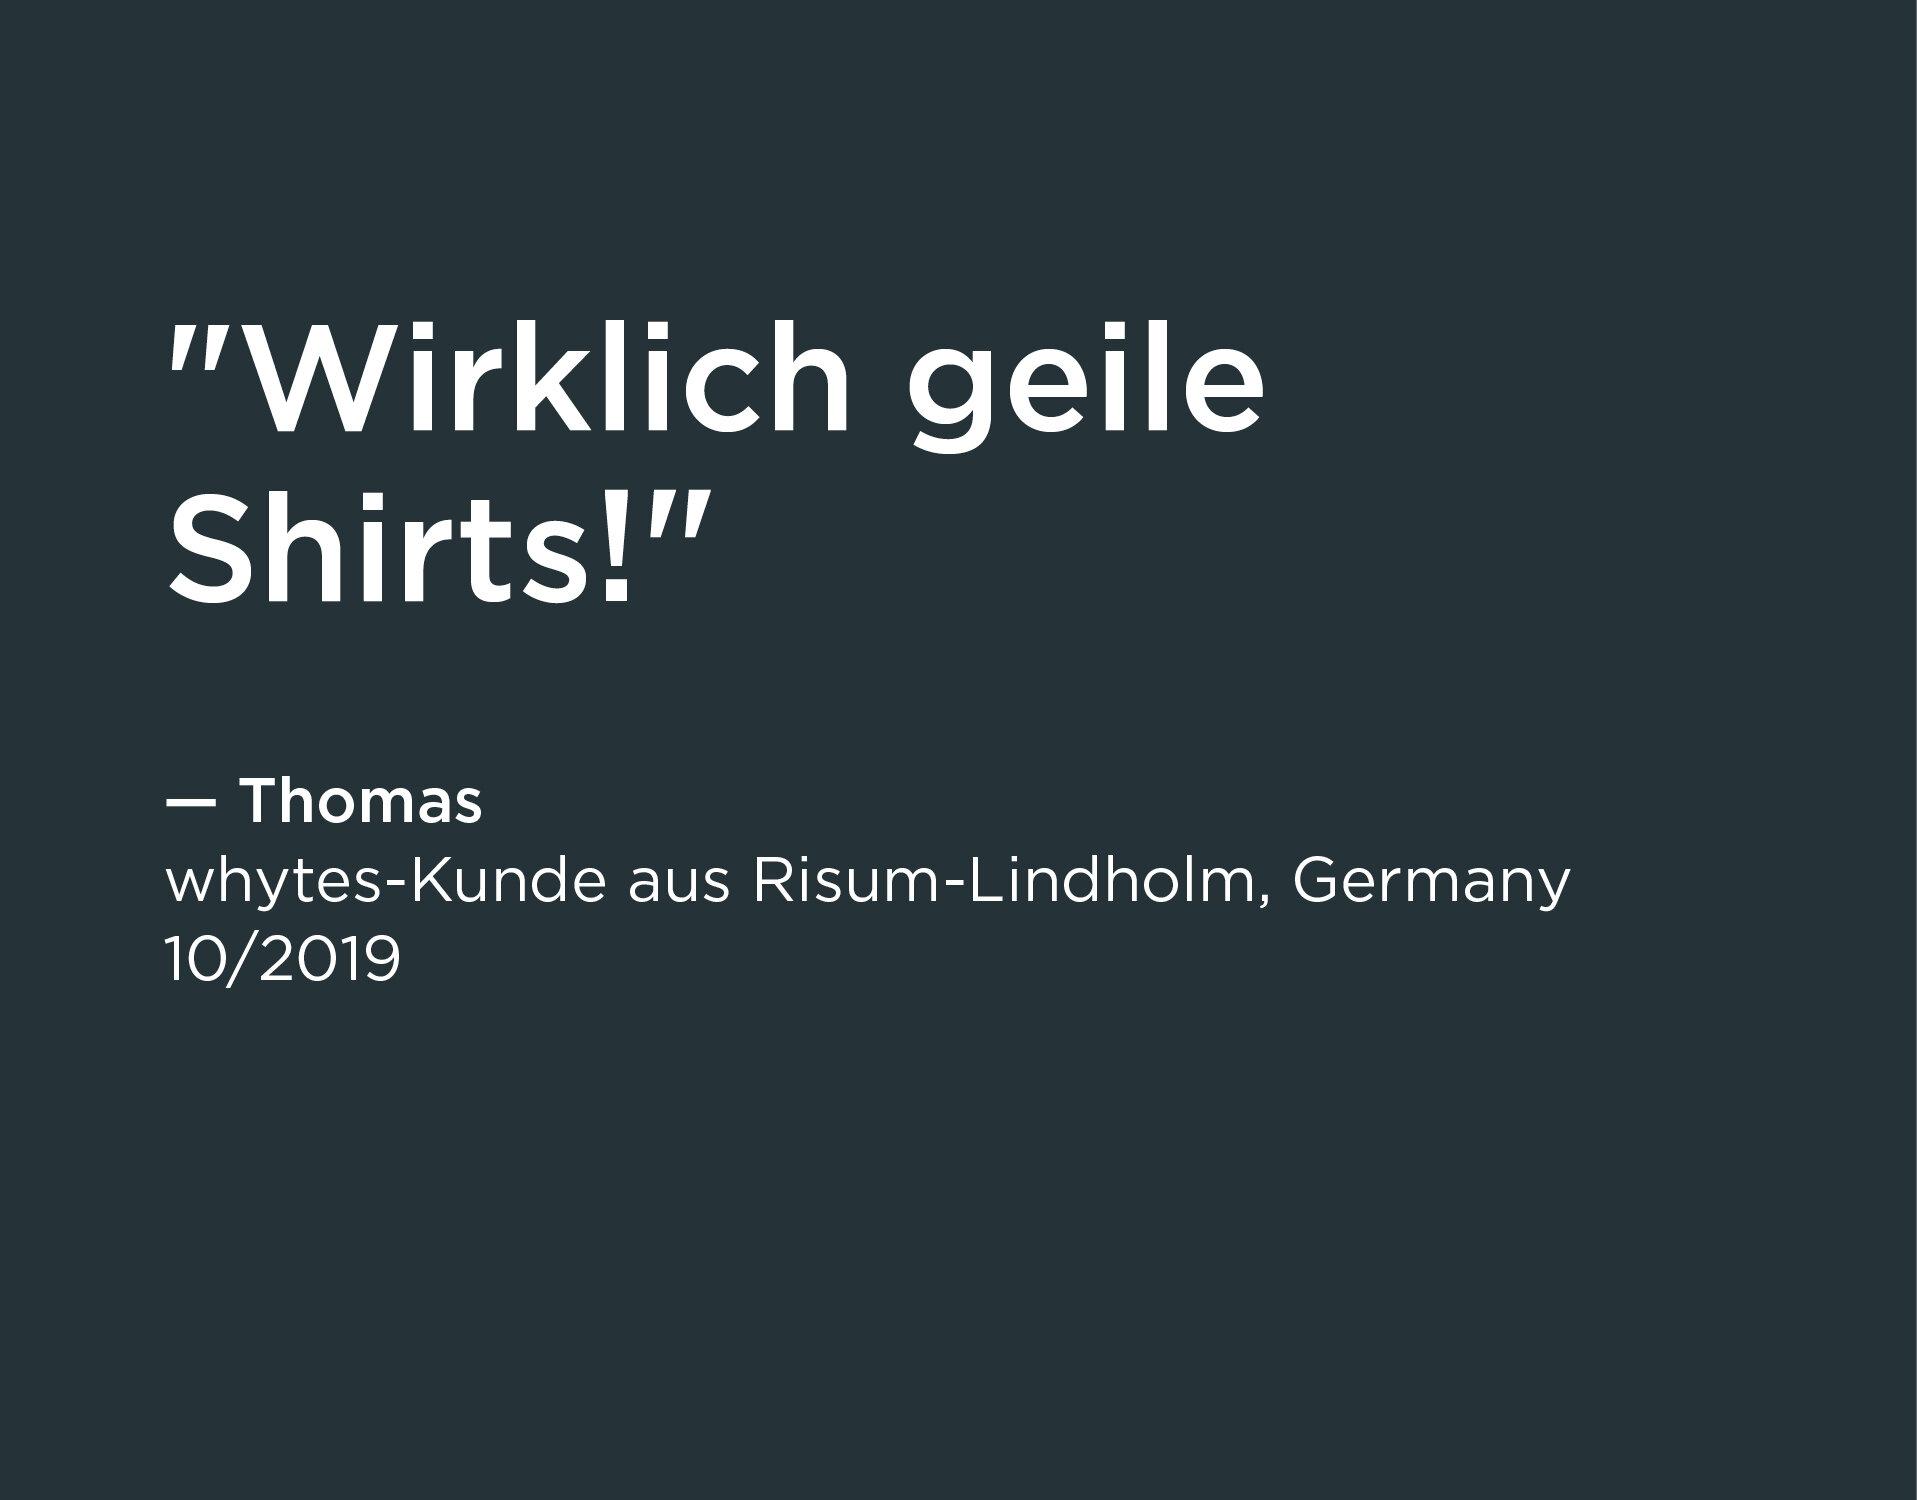 whytes-qualitaets-t-shirt